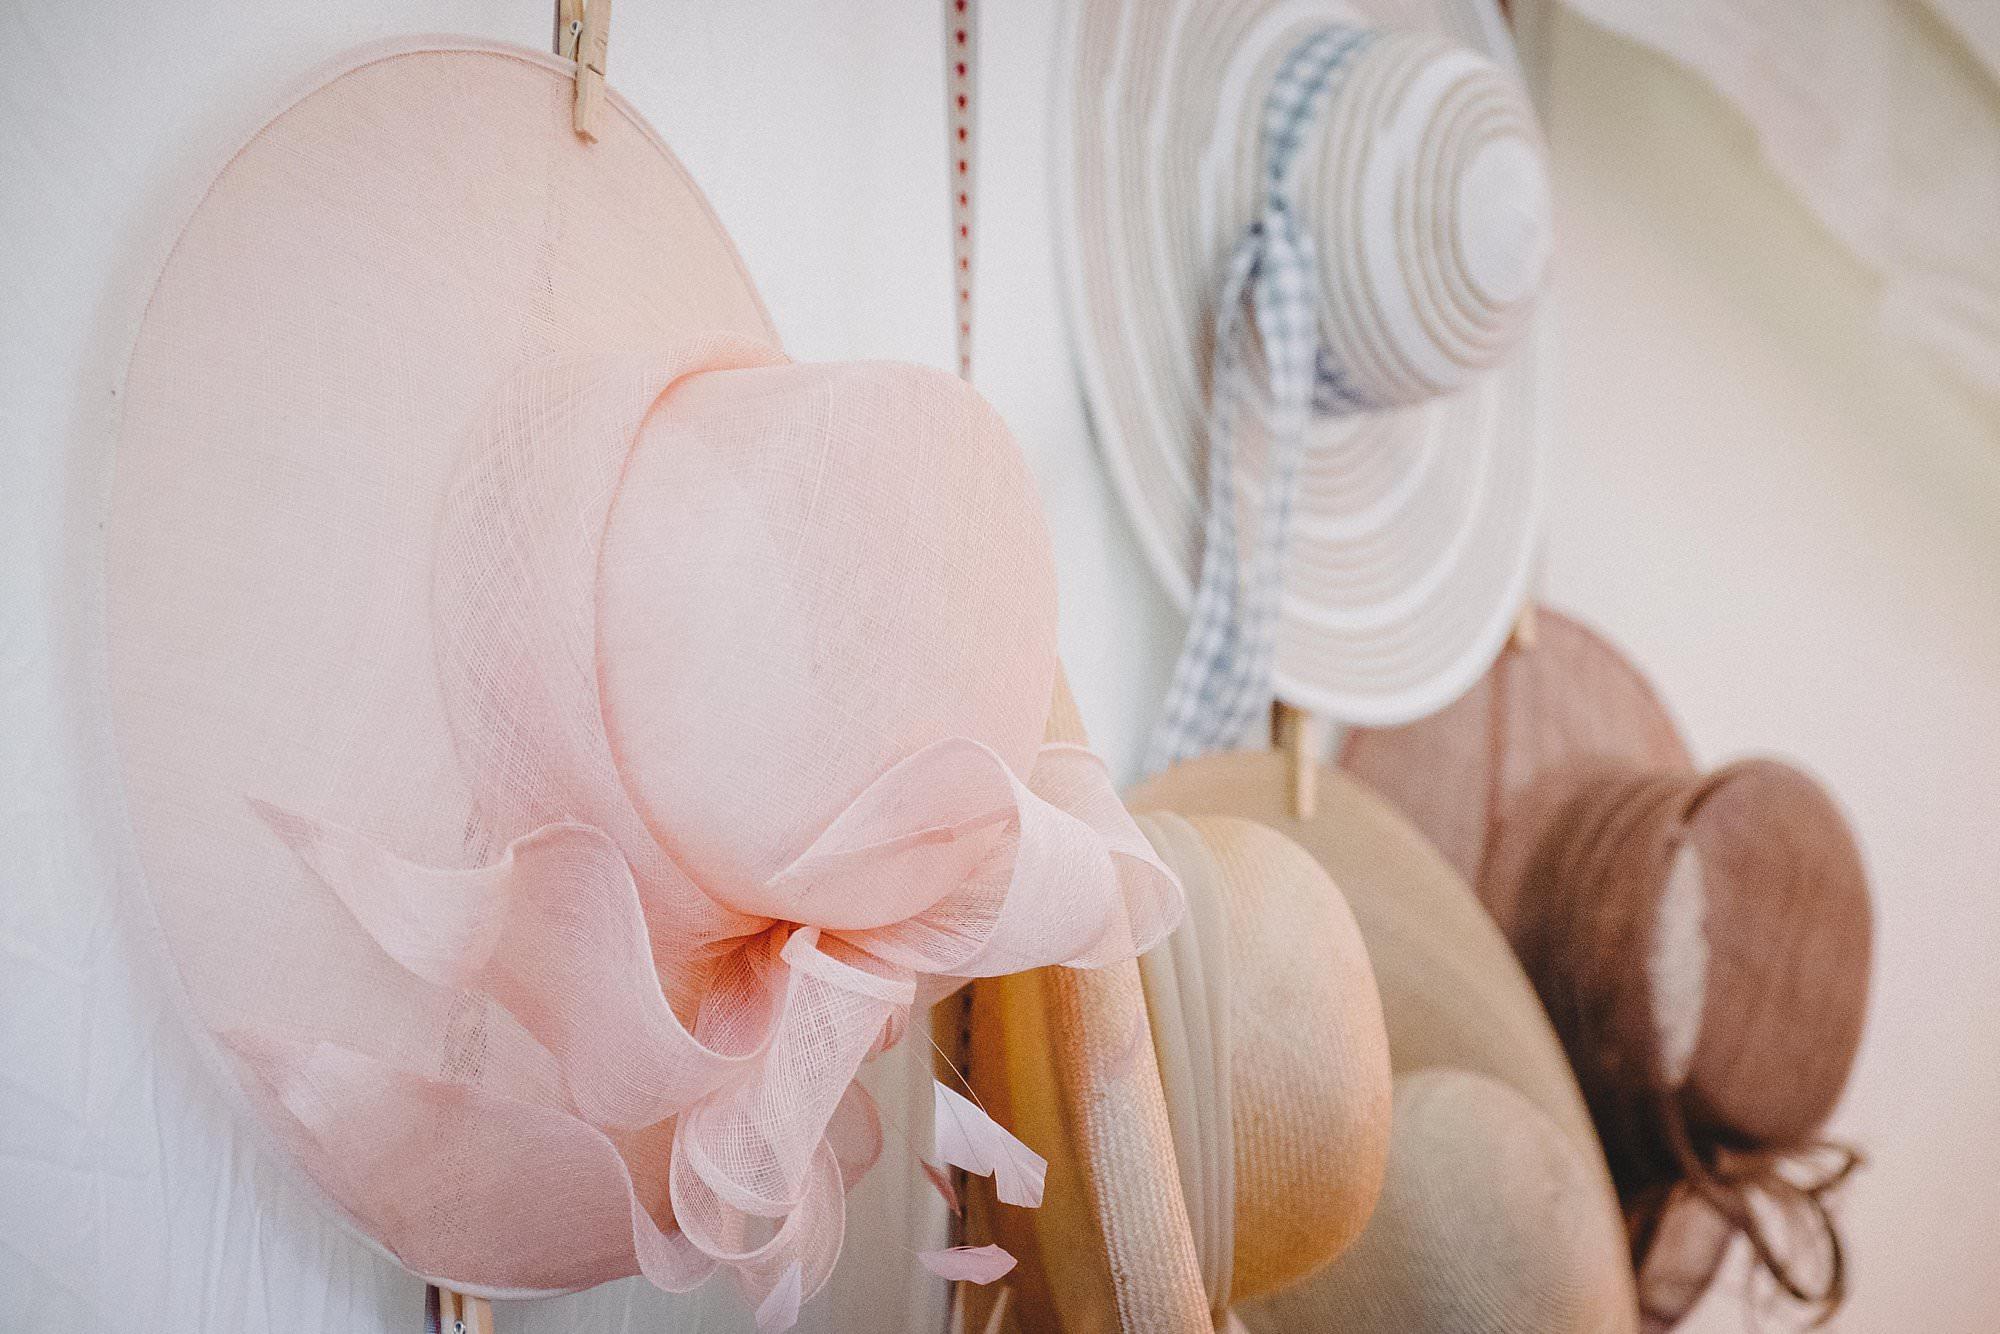 fulham palace wedding photographer 063 - Rosanna & Duncan's Fulham Palace Wedding